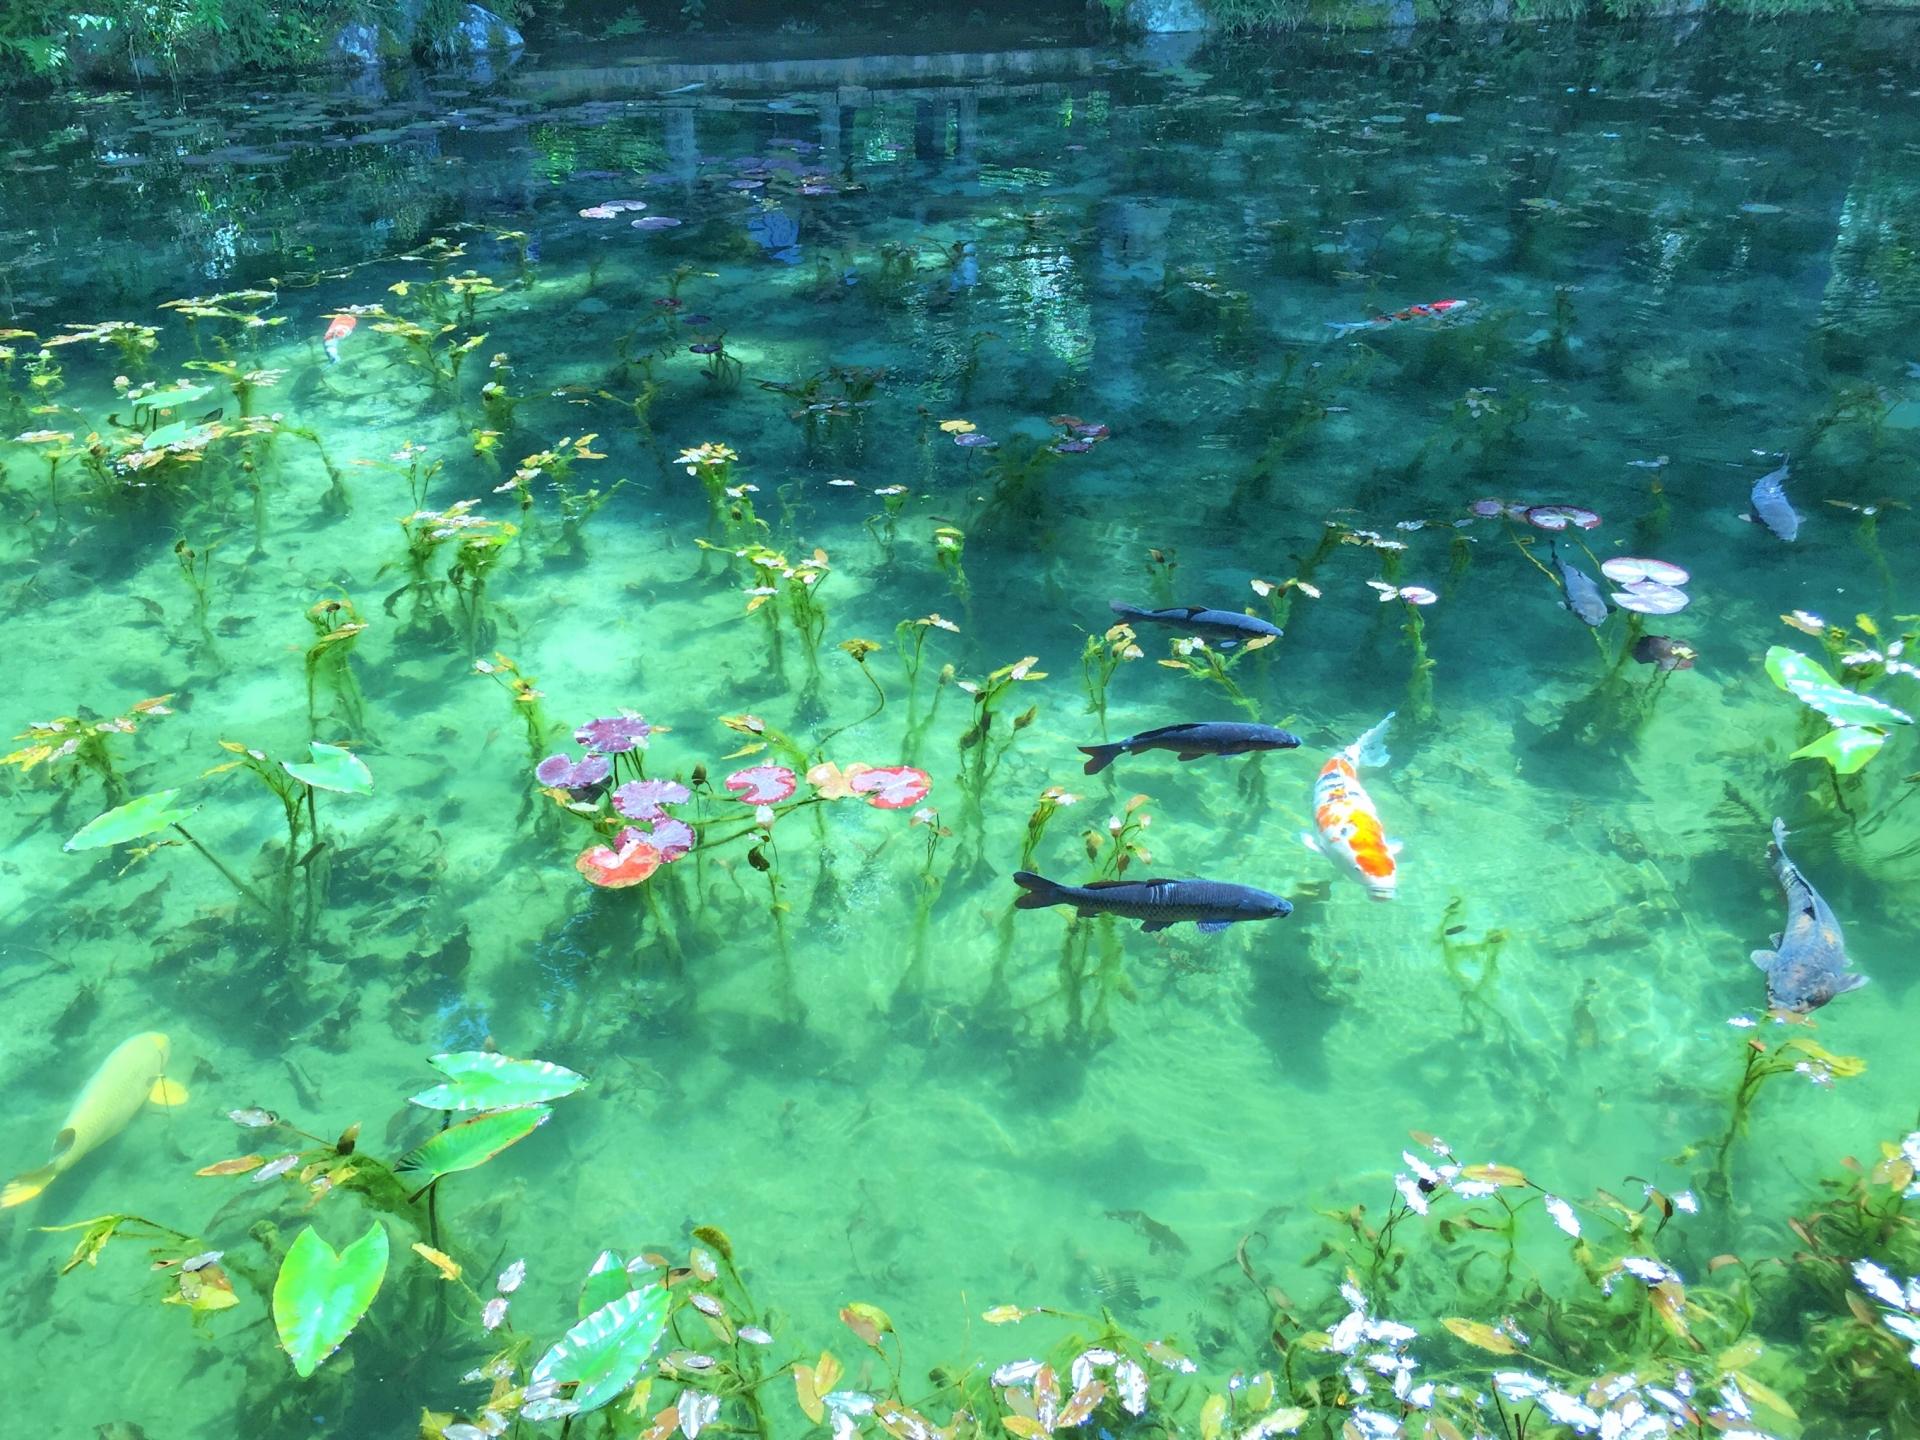 【絶景】モネの池の動画や写真、アクセスや駐車場・トイレや周辺観光の情報